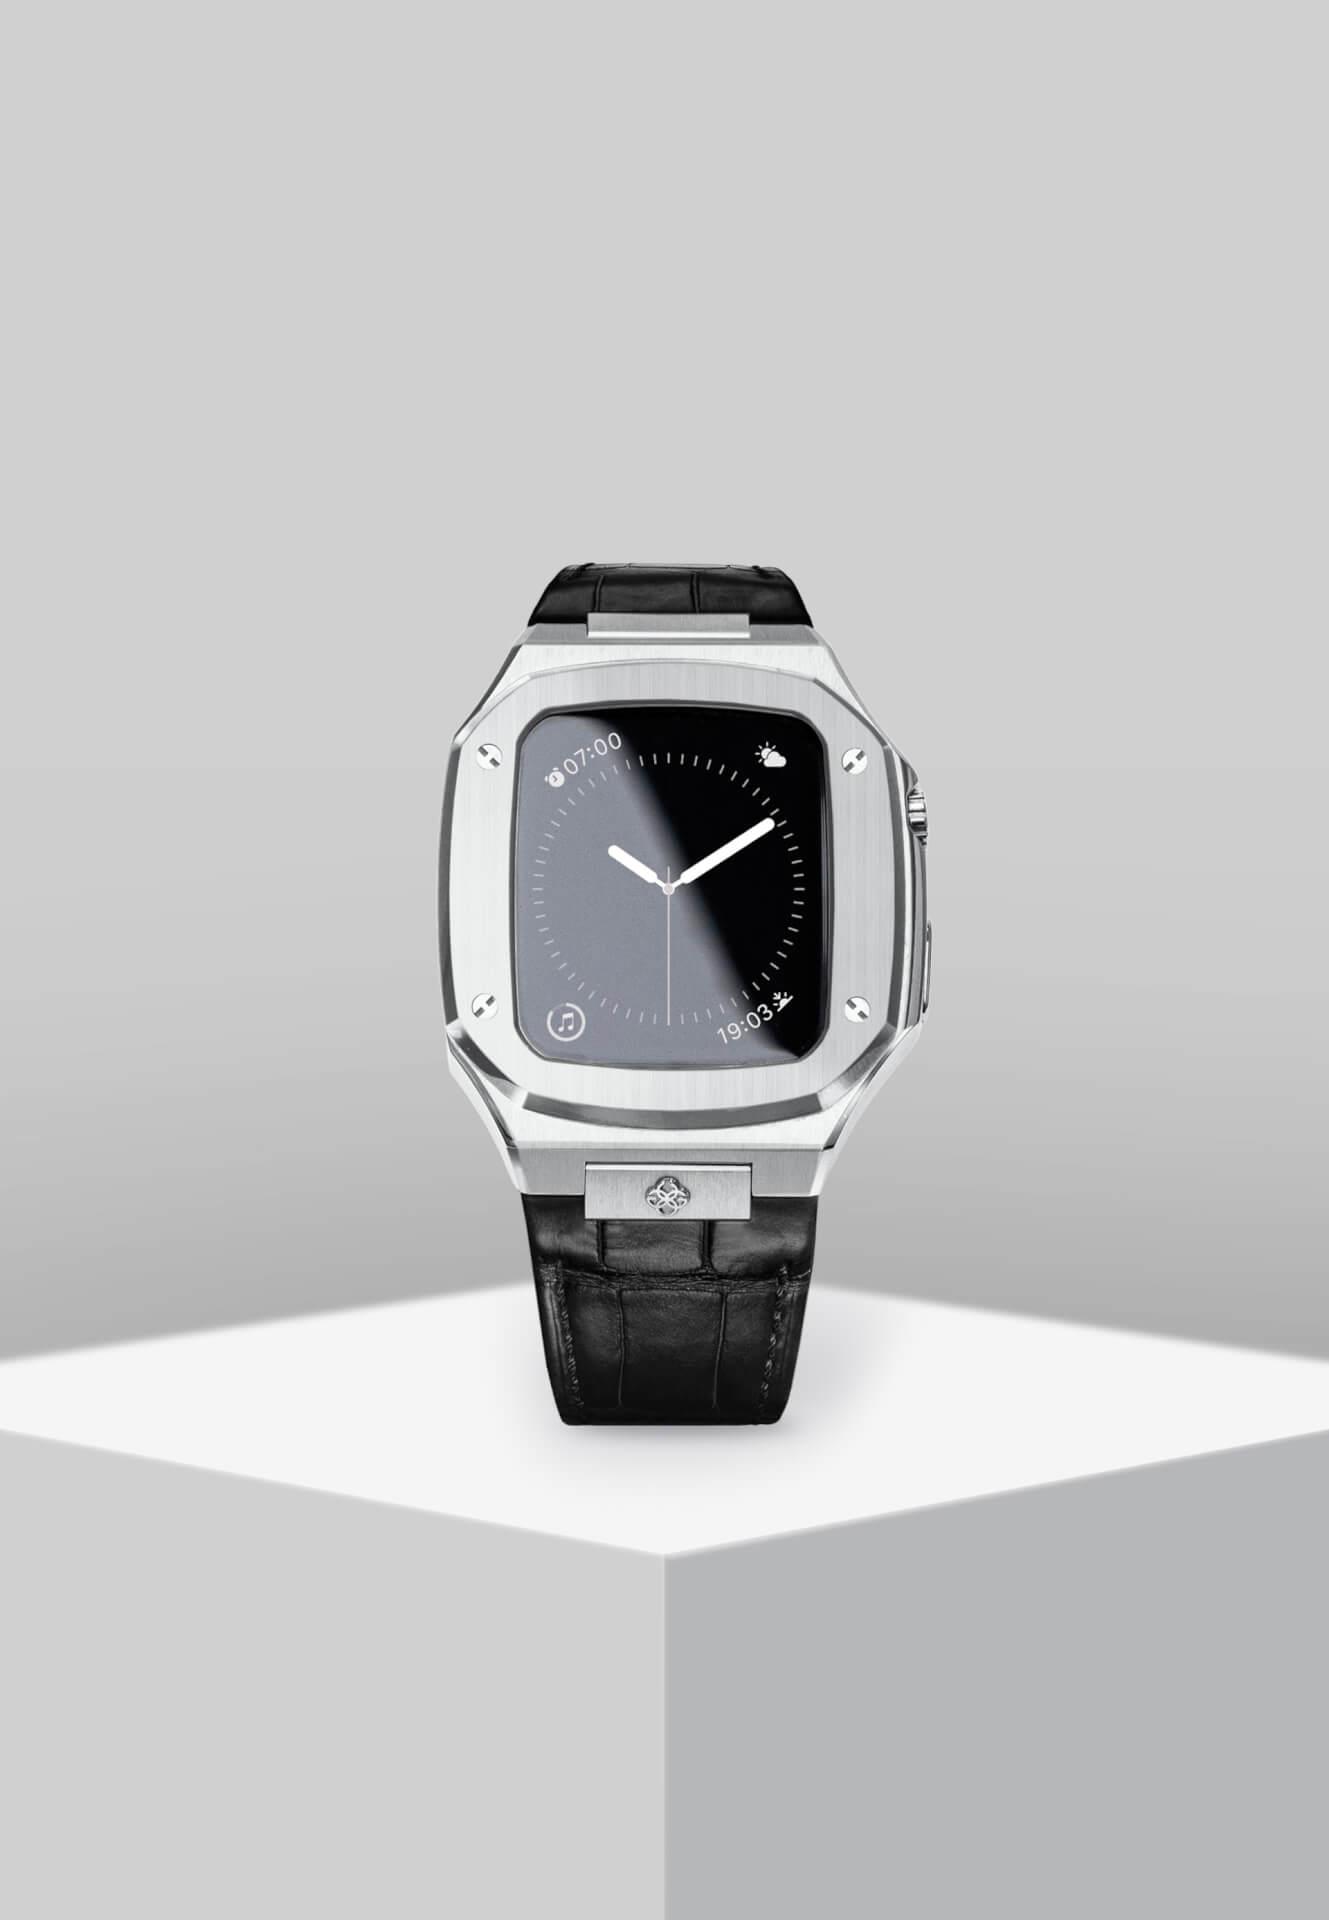 高級感漂うGOLDEN CONCEPTのApple Watchケースに待望の40mm用新コレクションが登場!ホワイト、イエローなどの新カラーがラインナップ tech201124_applewatch_case_20